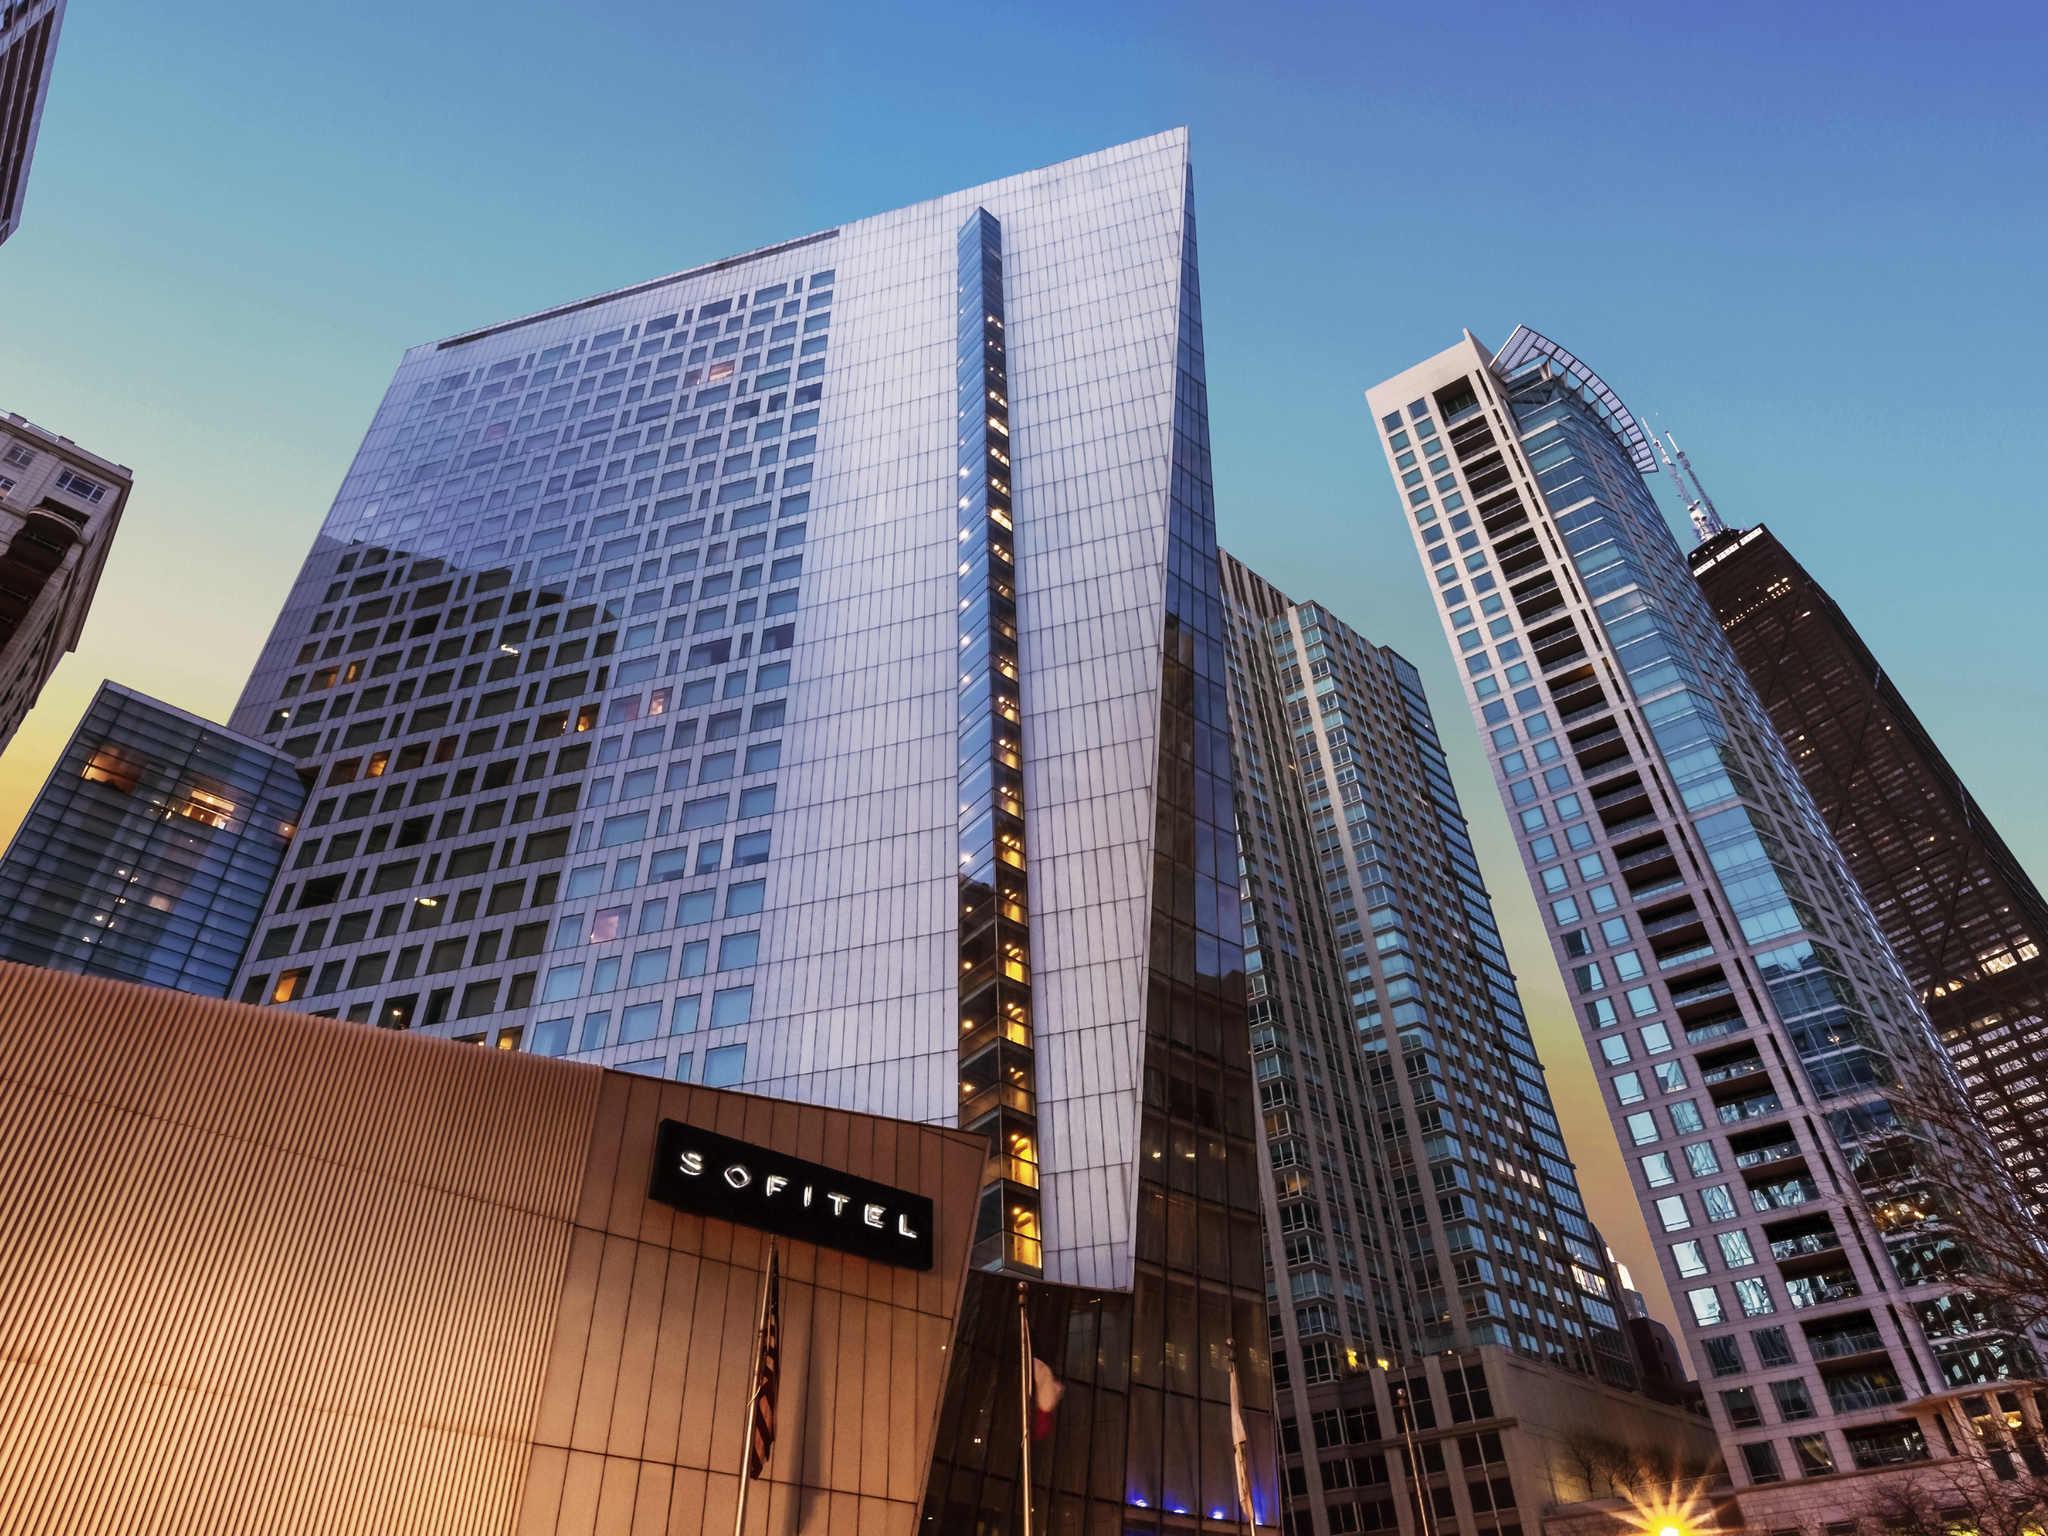 Hotel – Sofitel Chicago Magnificent Mile